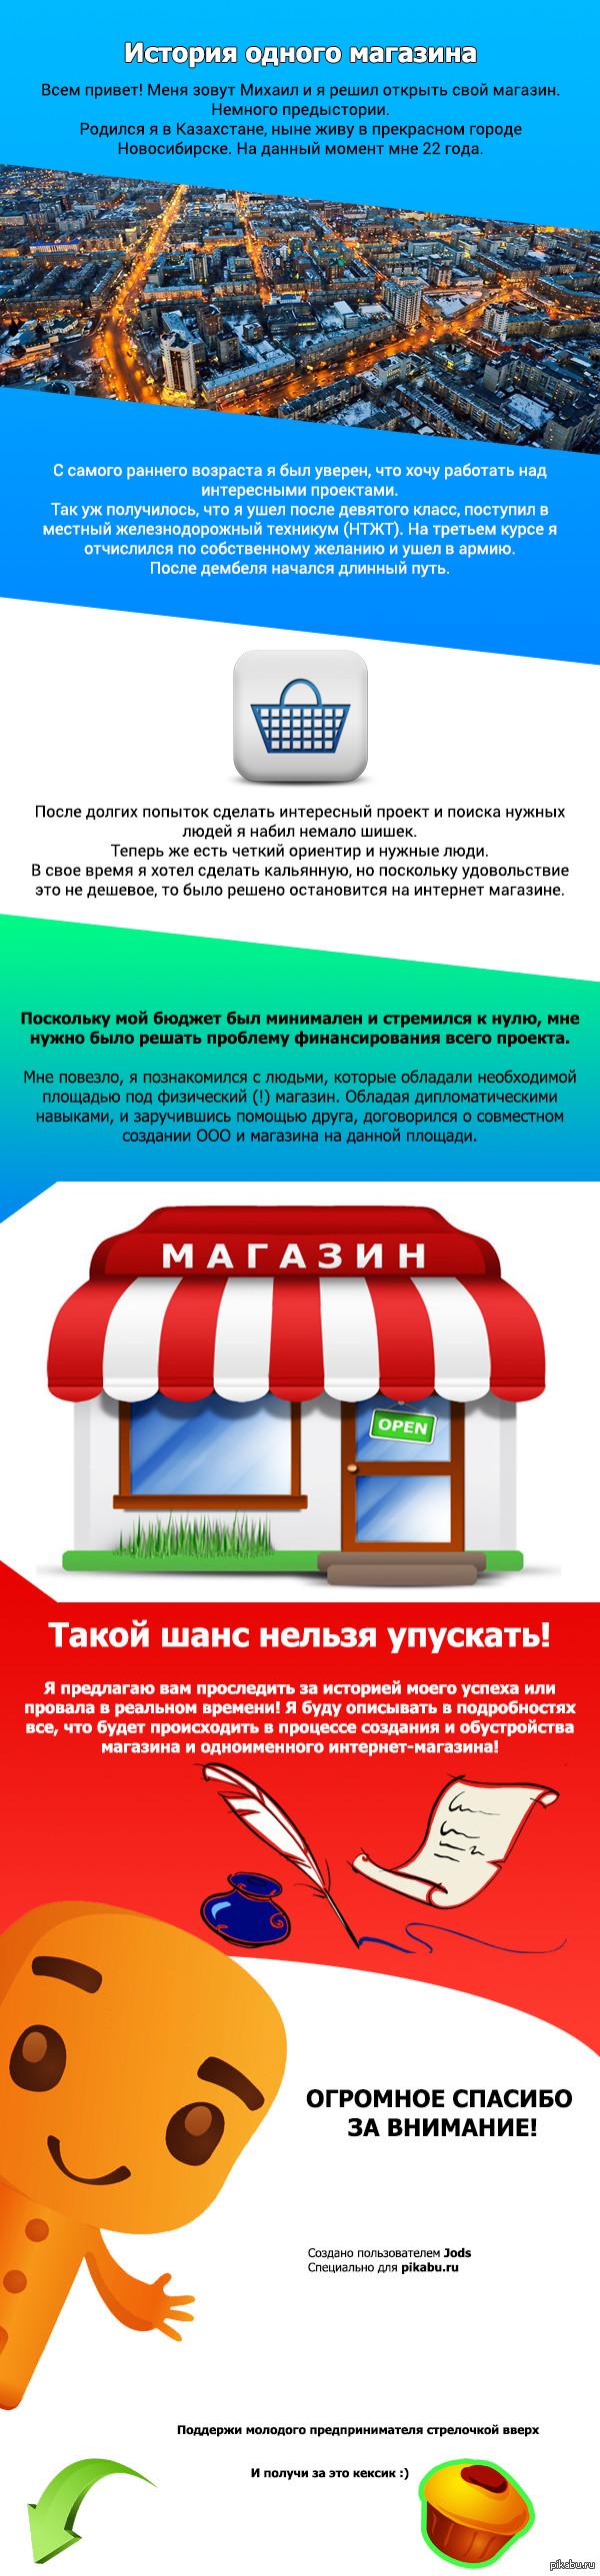 История одного магазина. Начало Пост номер 1 от 29.11.2015